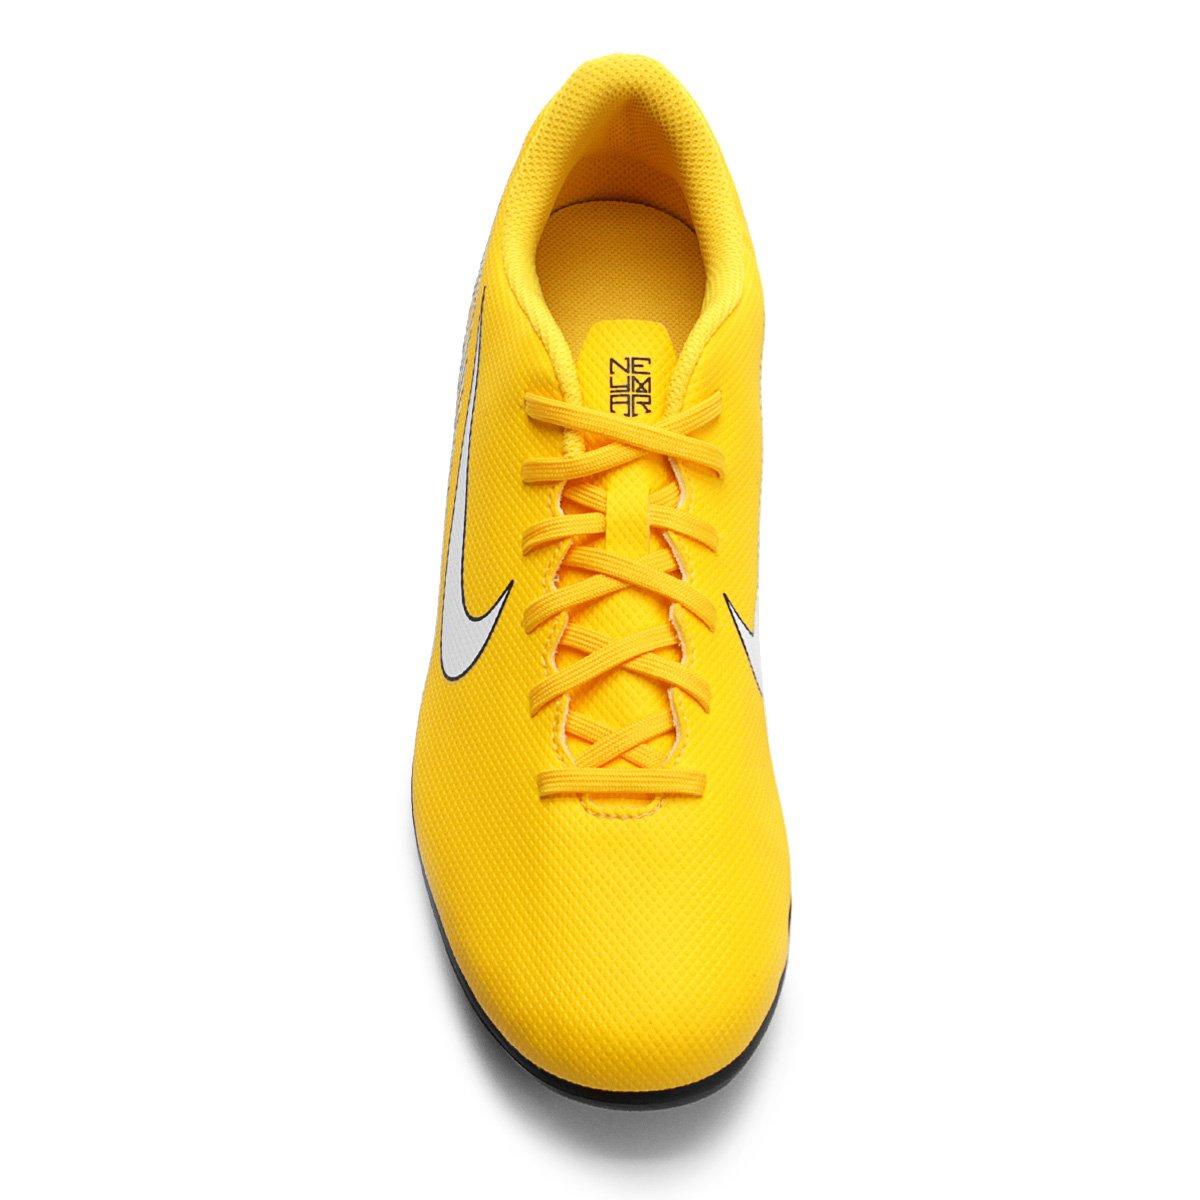 f21e716c8b Chuteira Campo Nike Mercurial Vapor 12 Club Neymar FG - Amarelo e ...